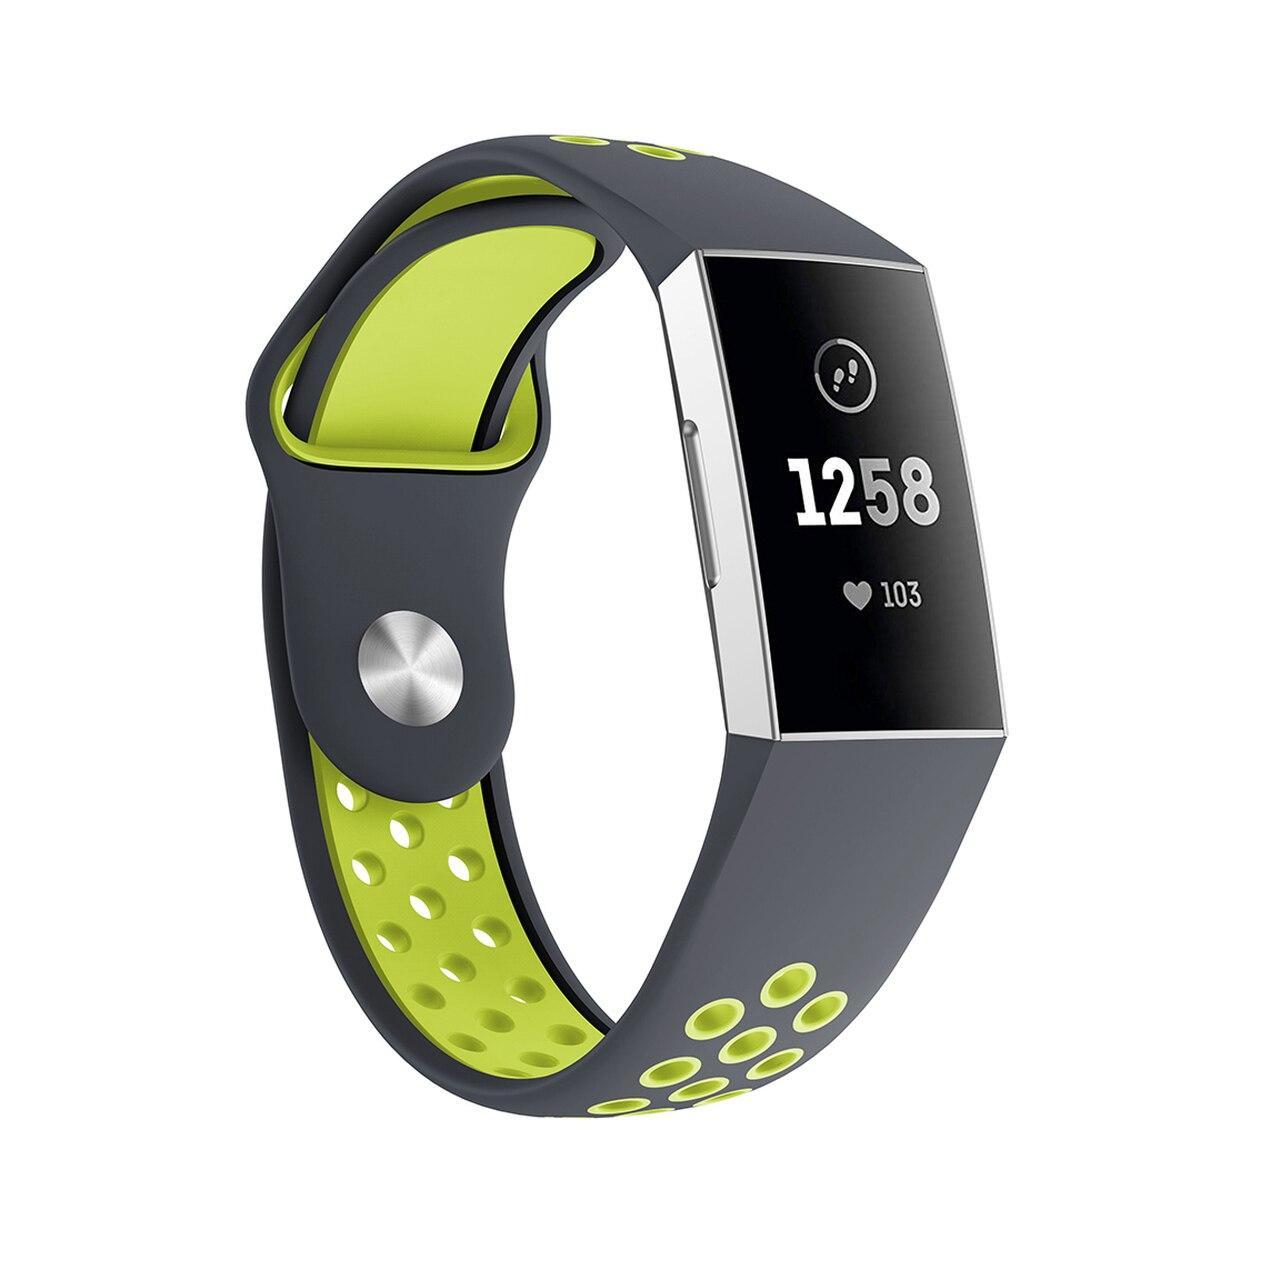 Силиконовый ремешок с перфорацией для фитнес браслета Fitbit Charge 3 / 4 - Grey&Lime